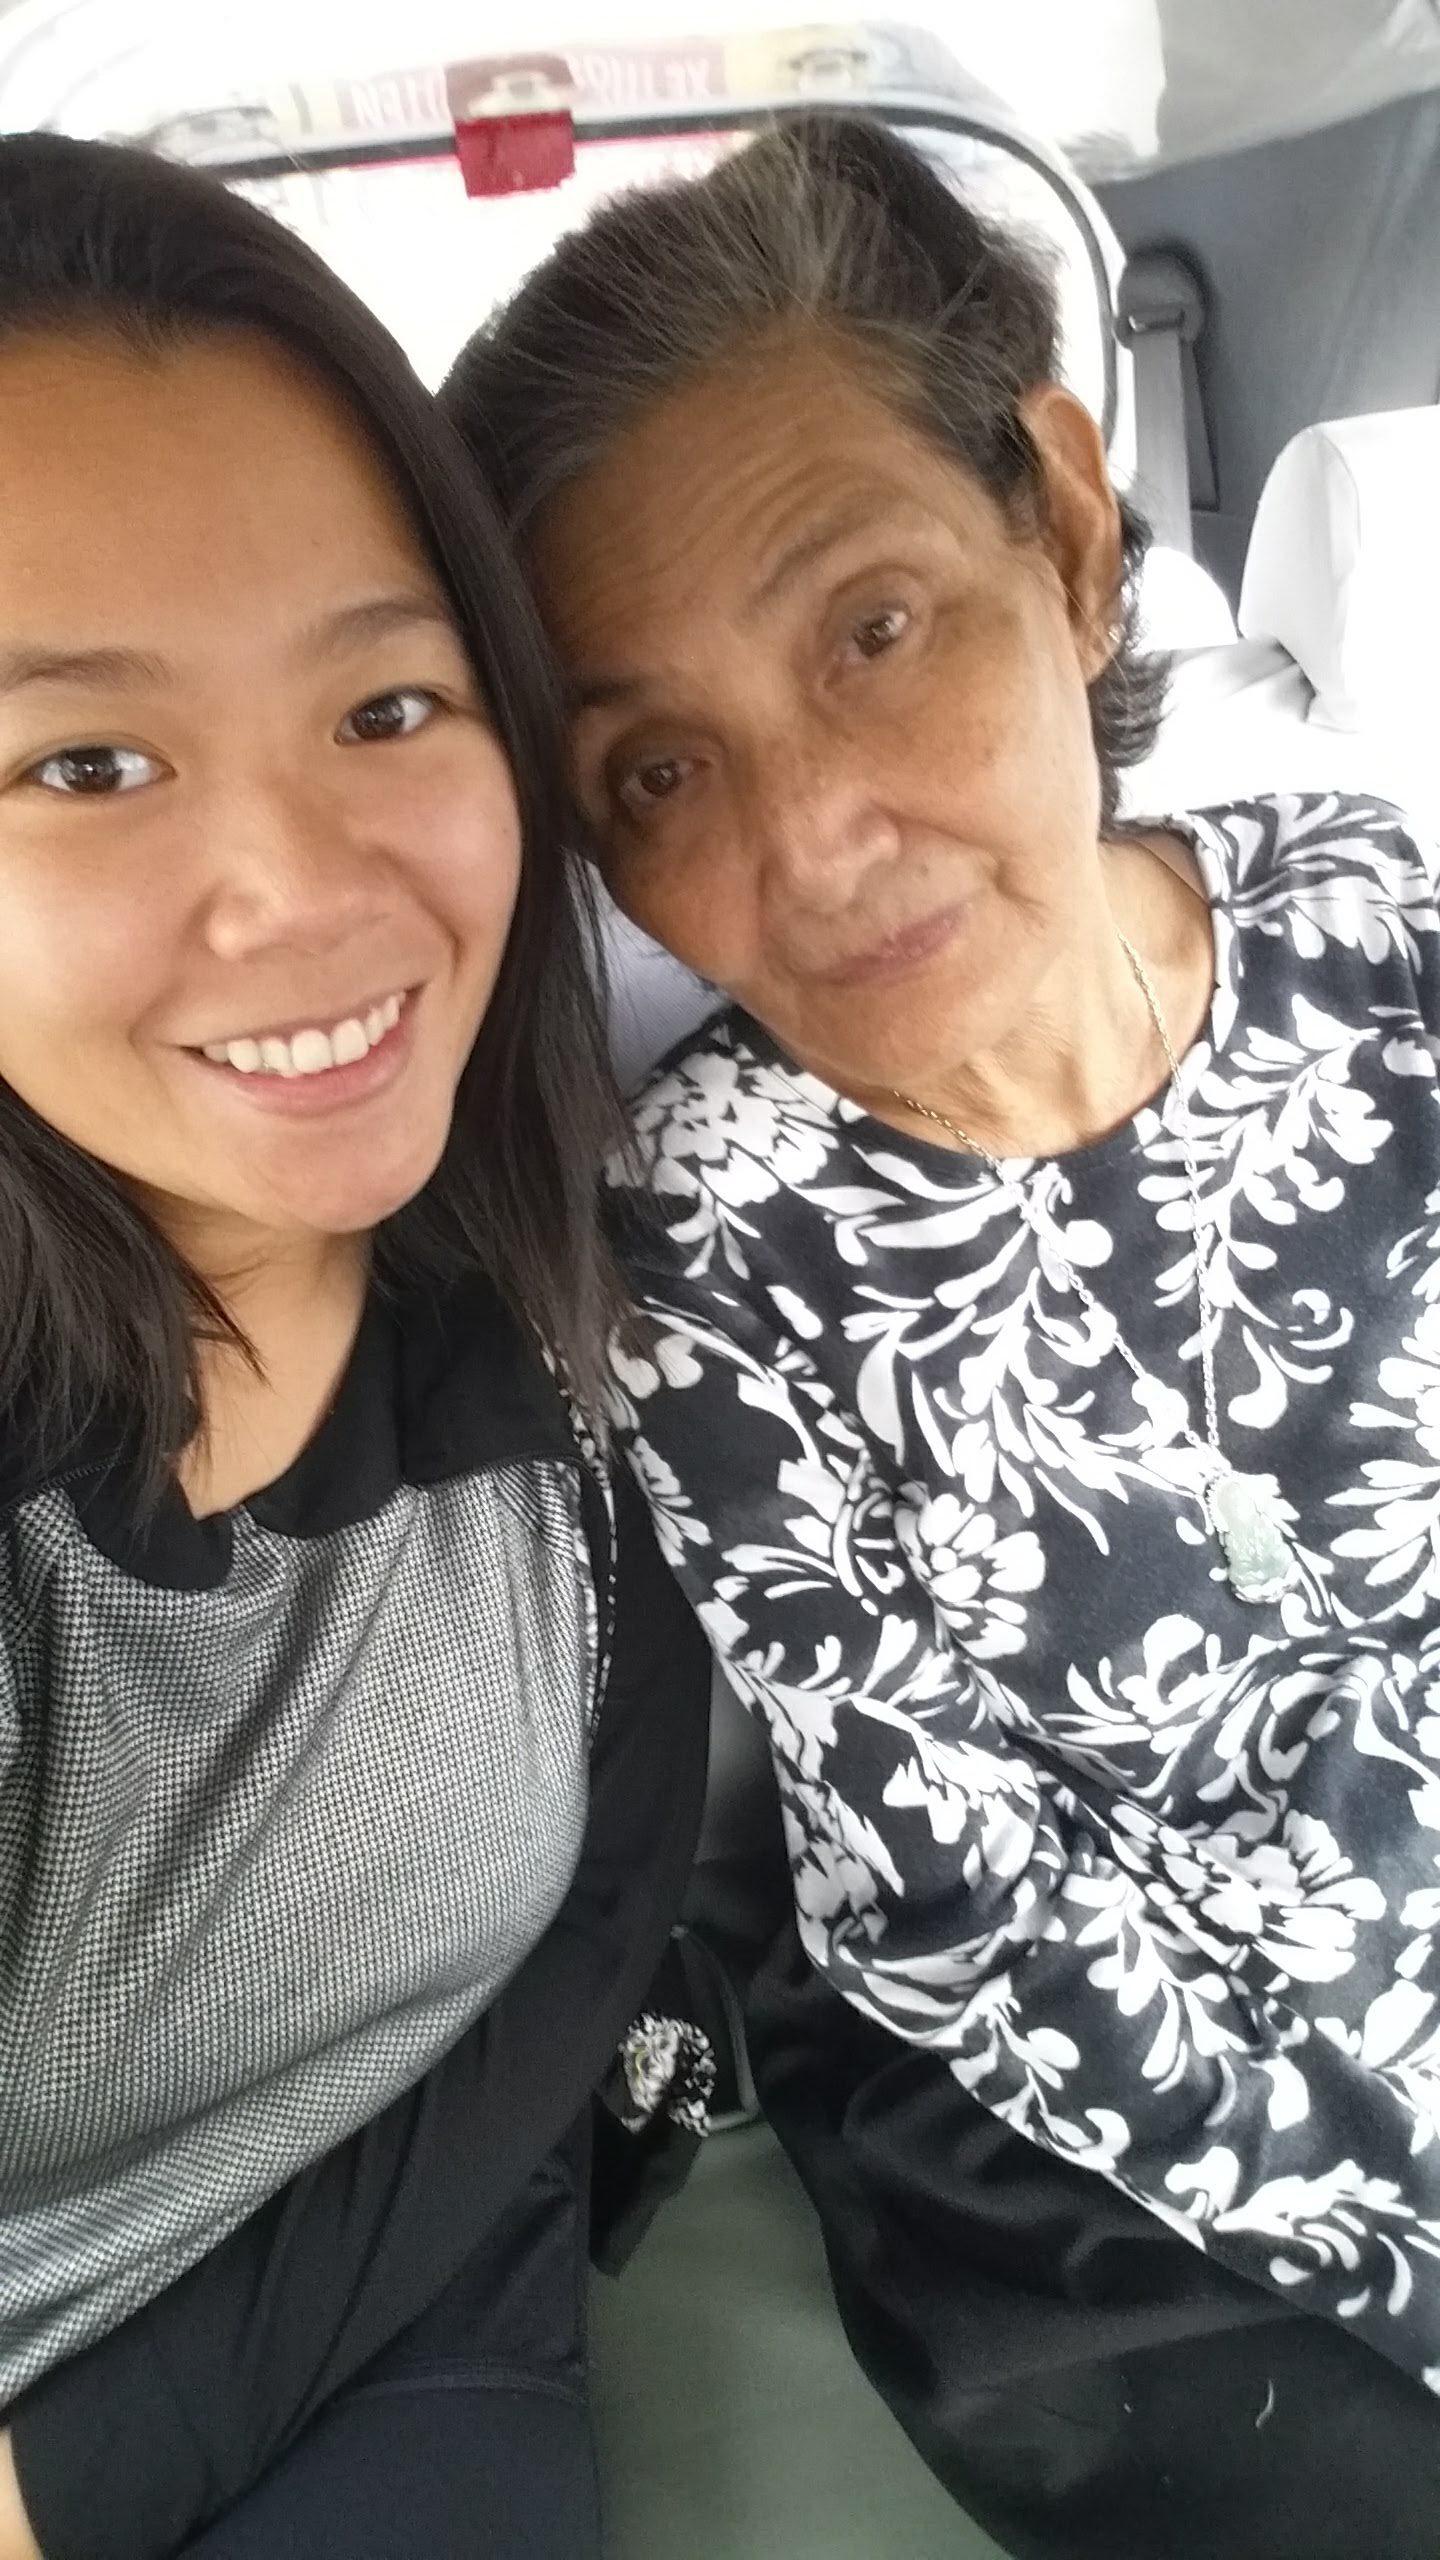 me & my kindred spirited grandma